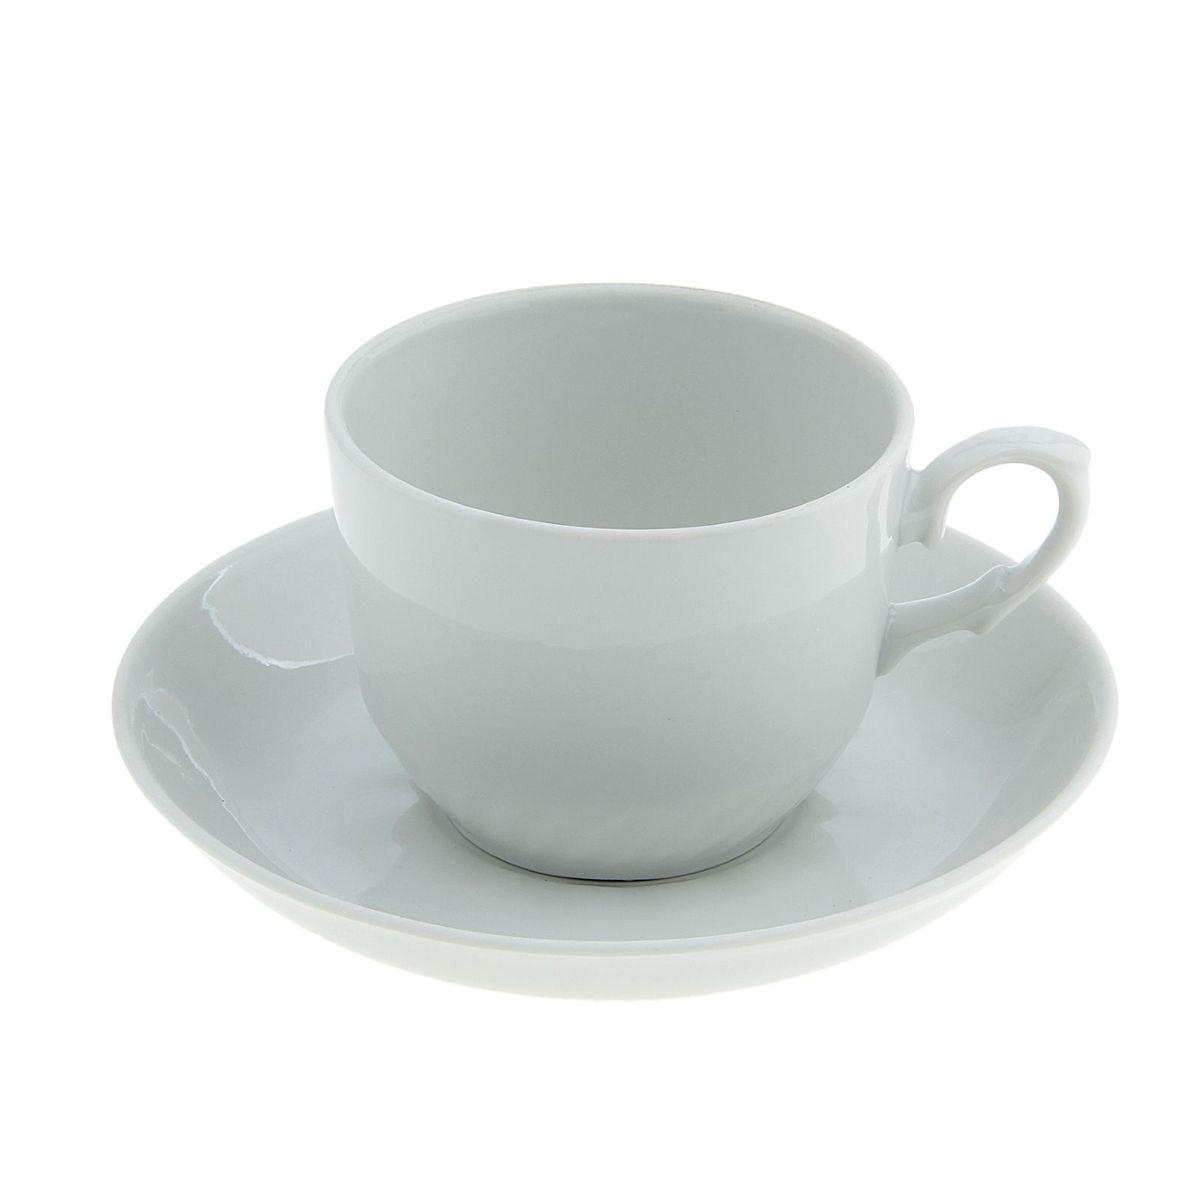 Чайная пара Кирмаш. Белье, 2 предмета чайная пара фарфор вербилок капля полдня 2 предмета 1259593